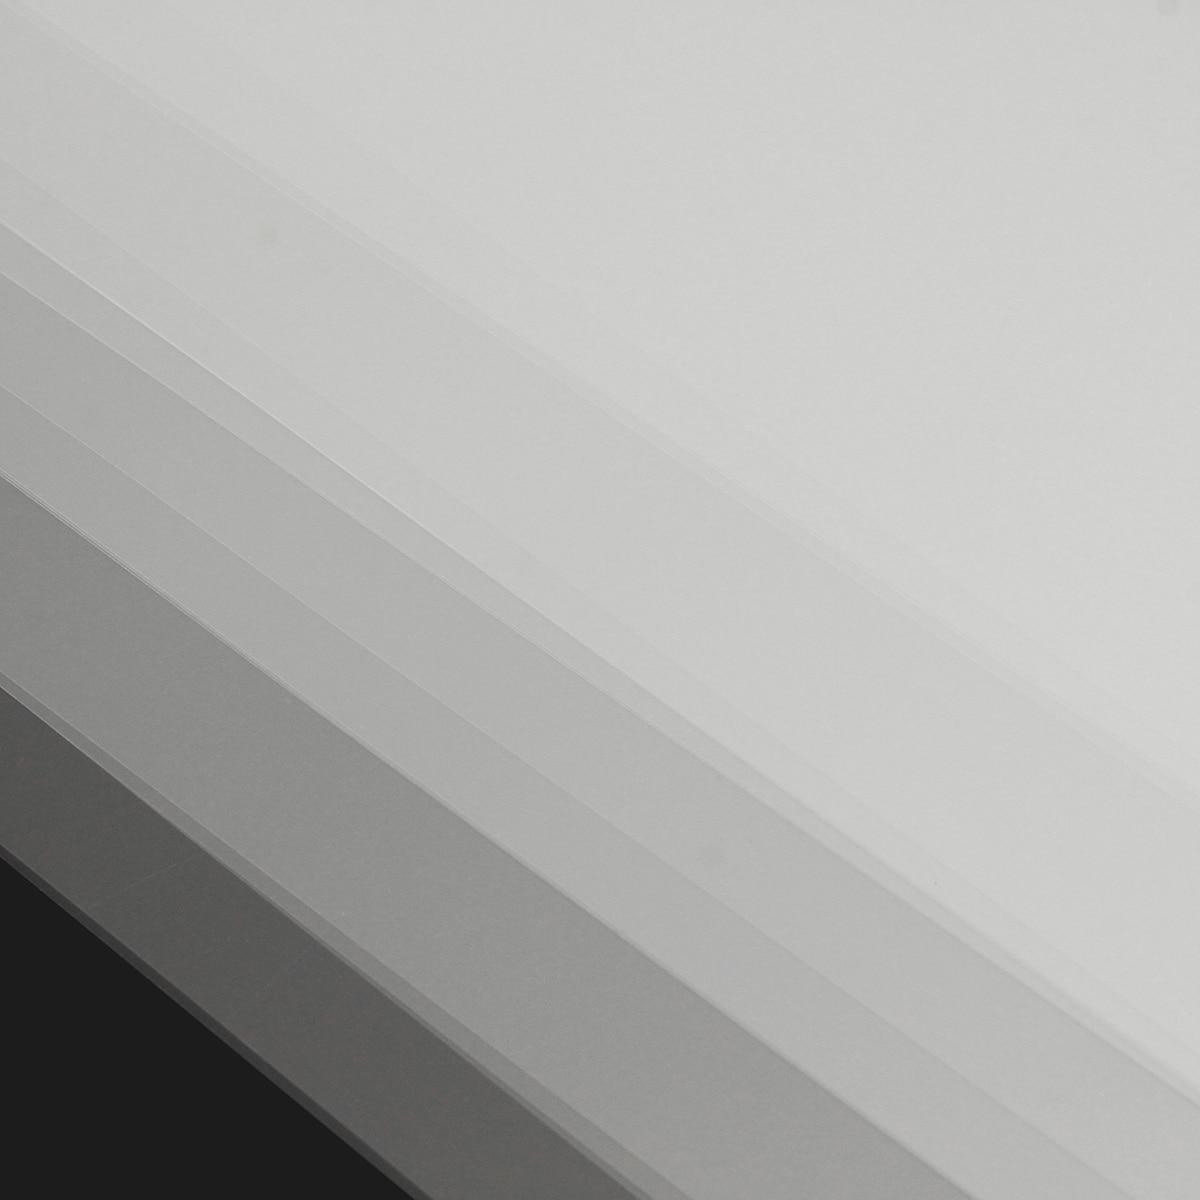 лист А4 ; лист А4 ; бумага А4 ;